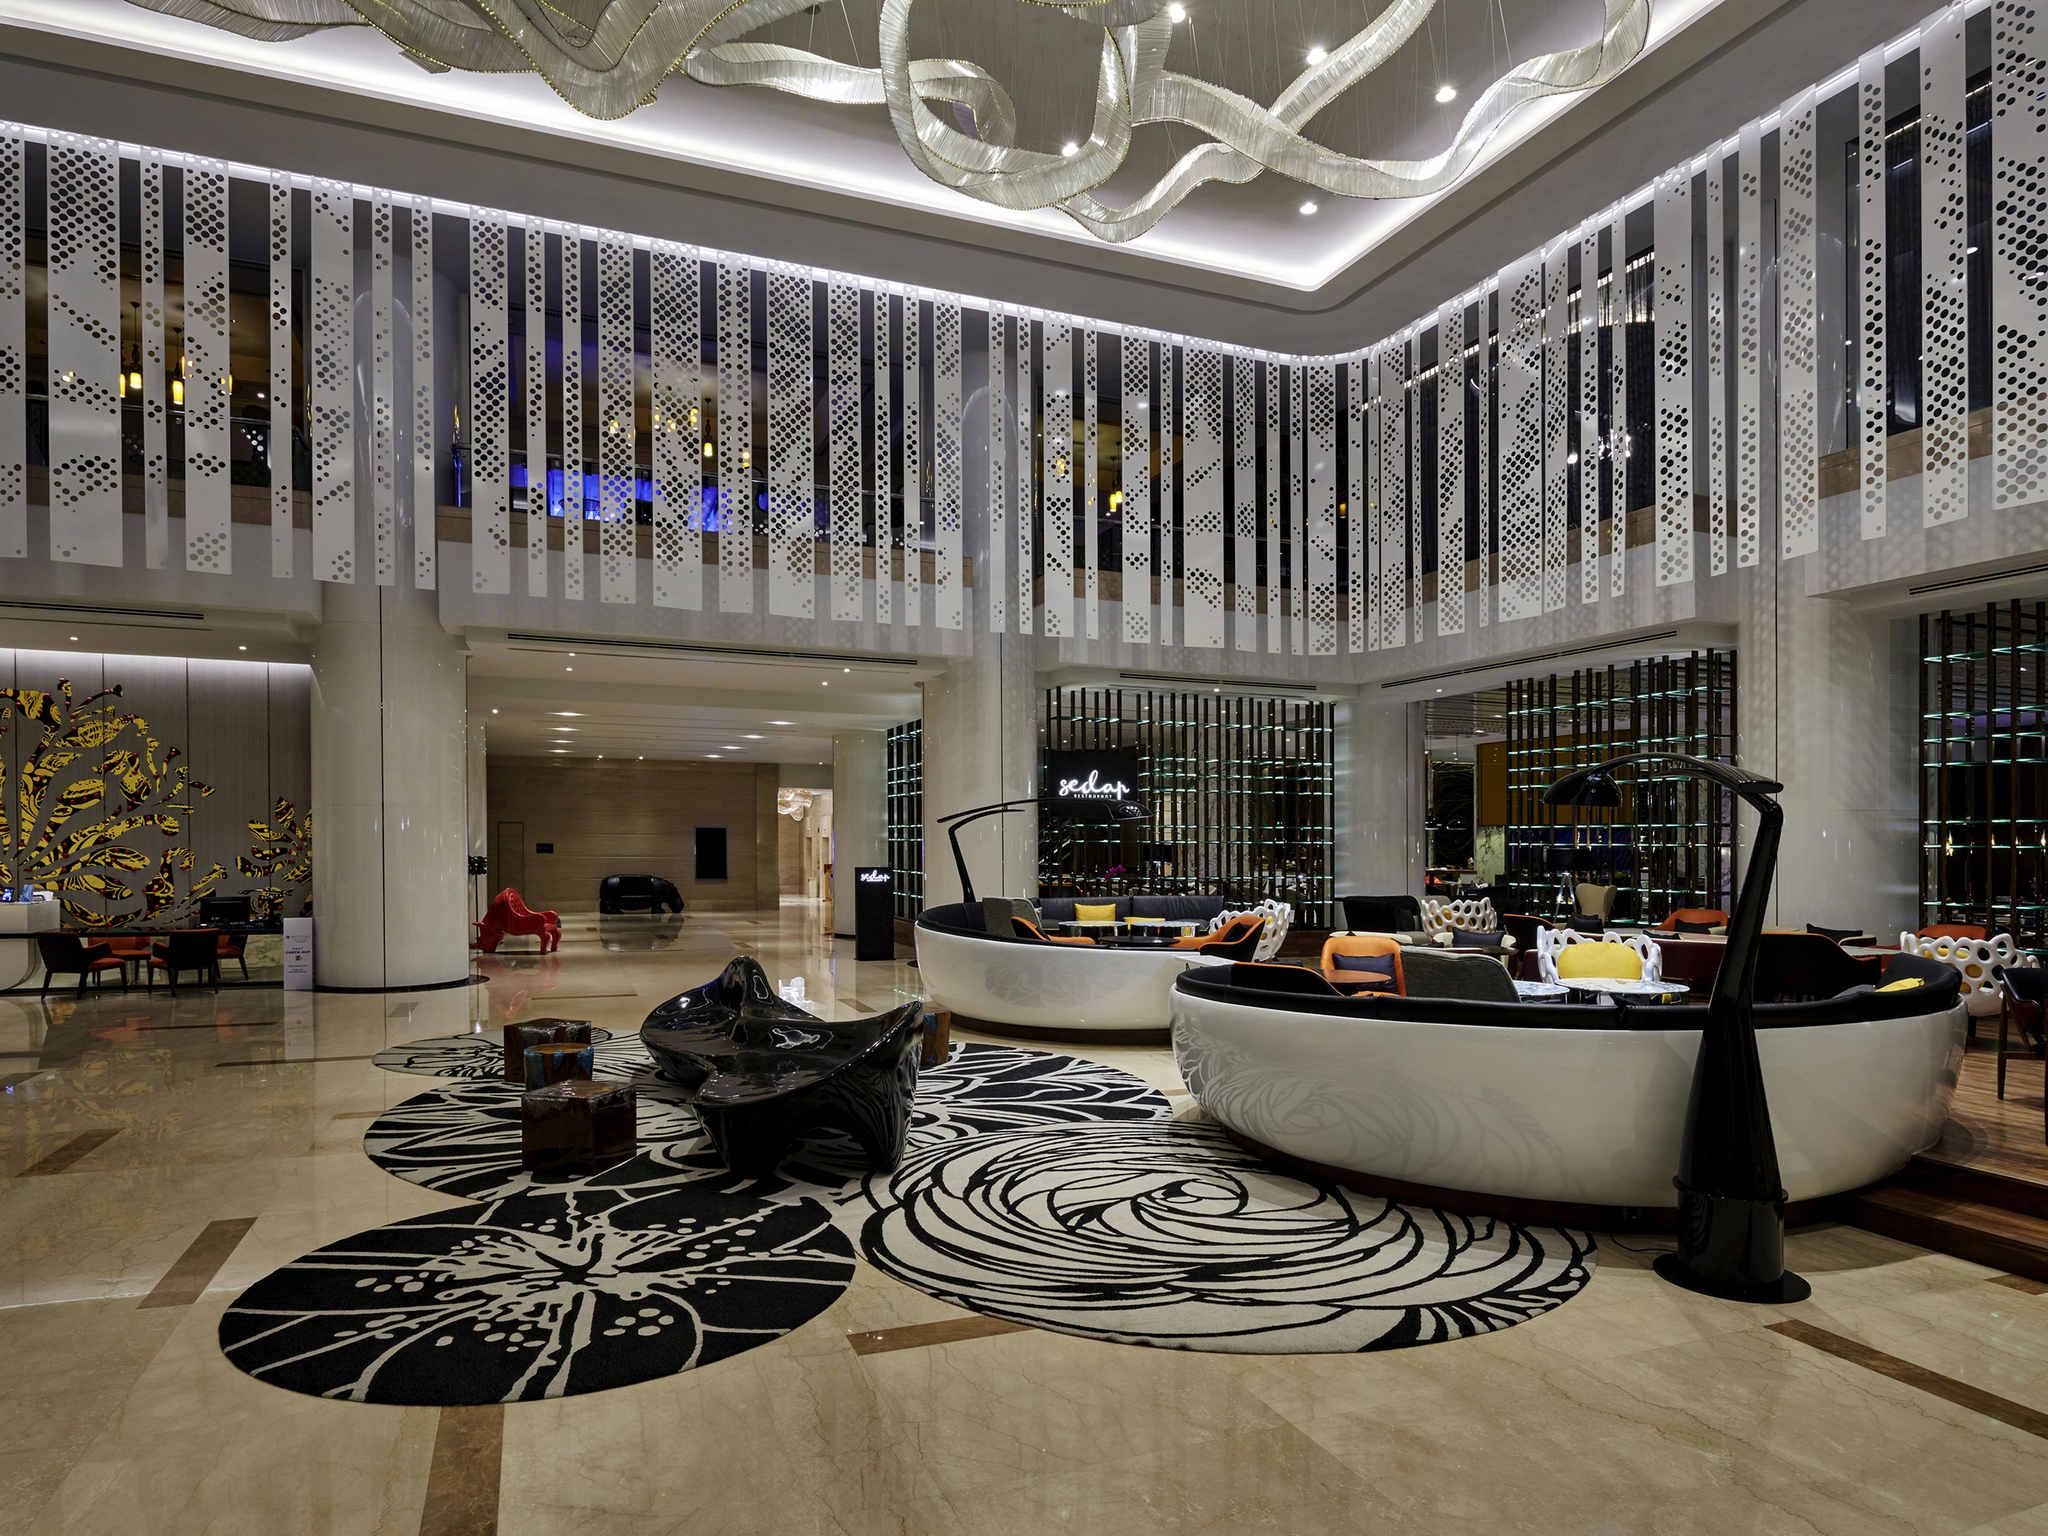 โรงแรม – พูลแมน กัวลาลัมเปอร์ ซิตี้เซ็นเตอร์ แอนด์ เรสซิเดนซ์